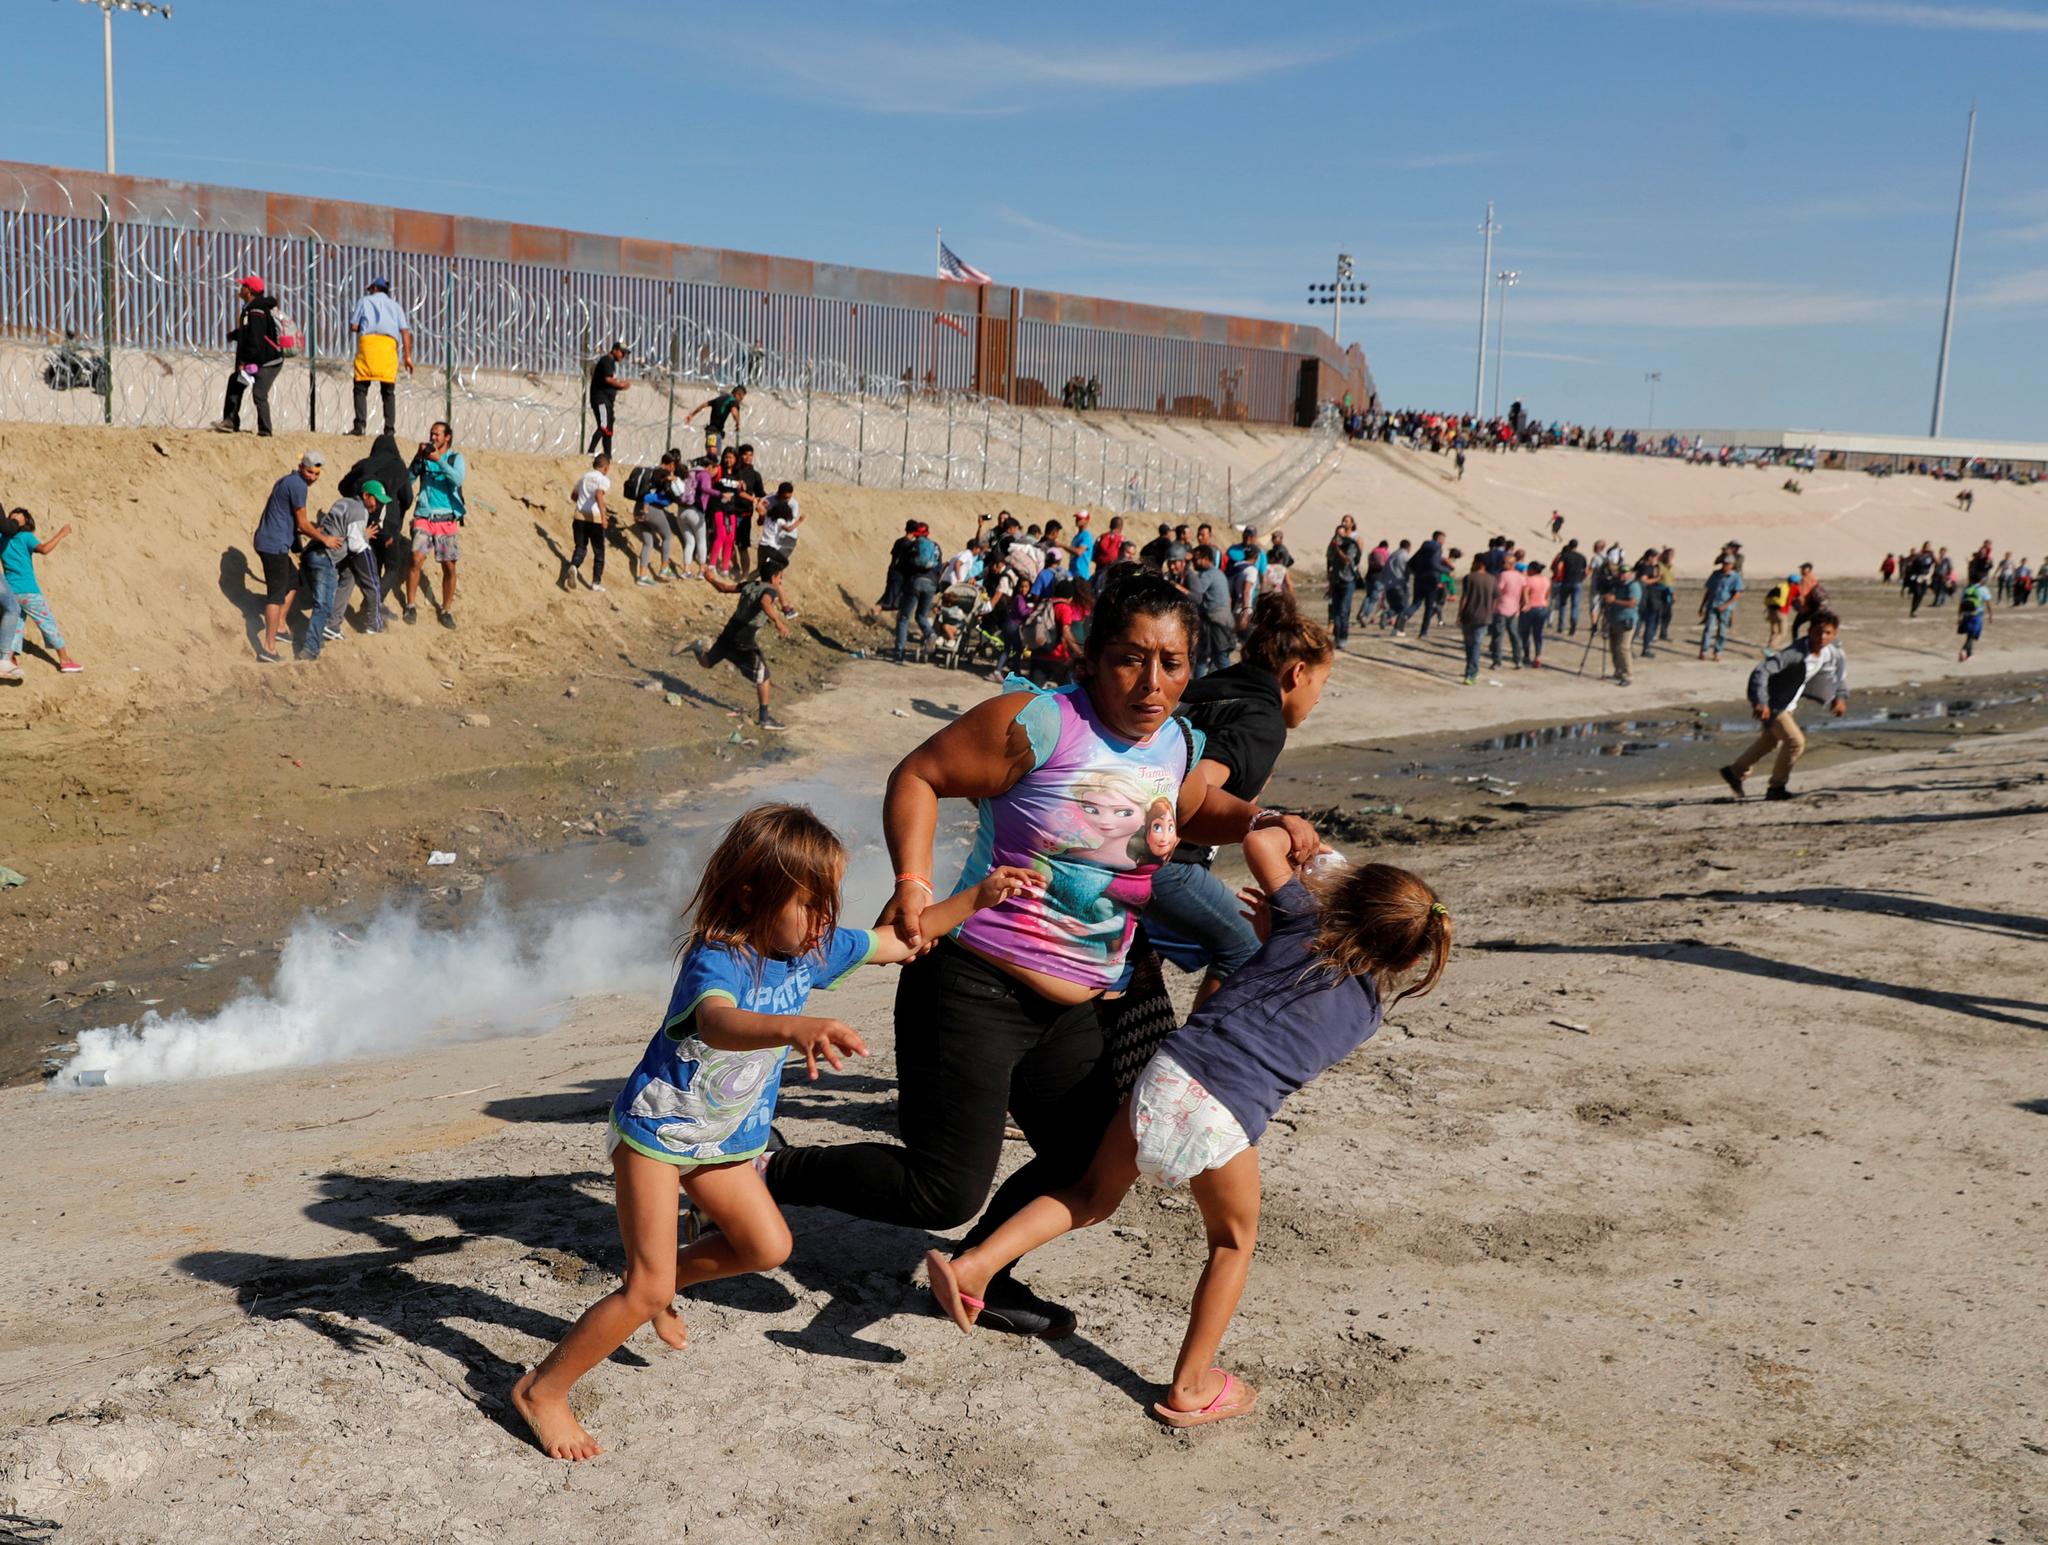 11월 25일 온두라스에서 온 마리아 릴라 메자 카스트로가 멕시코 티후아나 국경에서 최루탄을 피해 두 딸과 도망치고 있다. [로이터=연합뉴스]